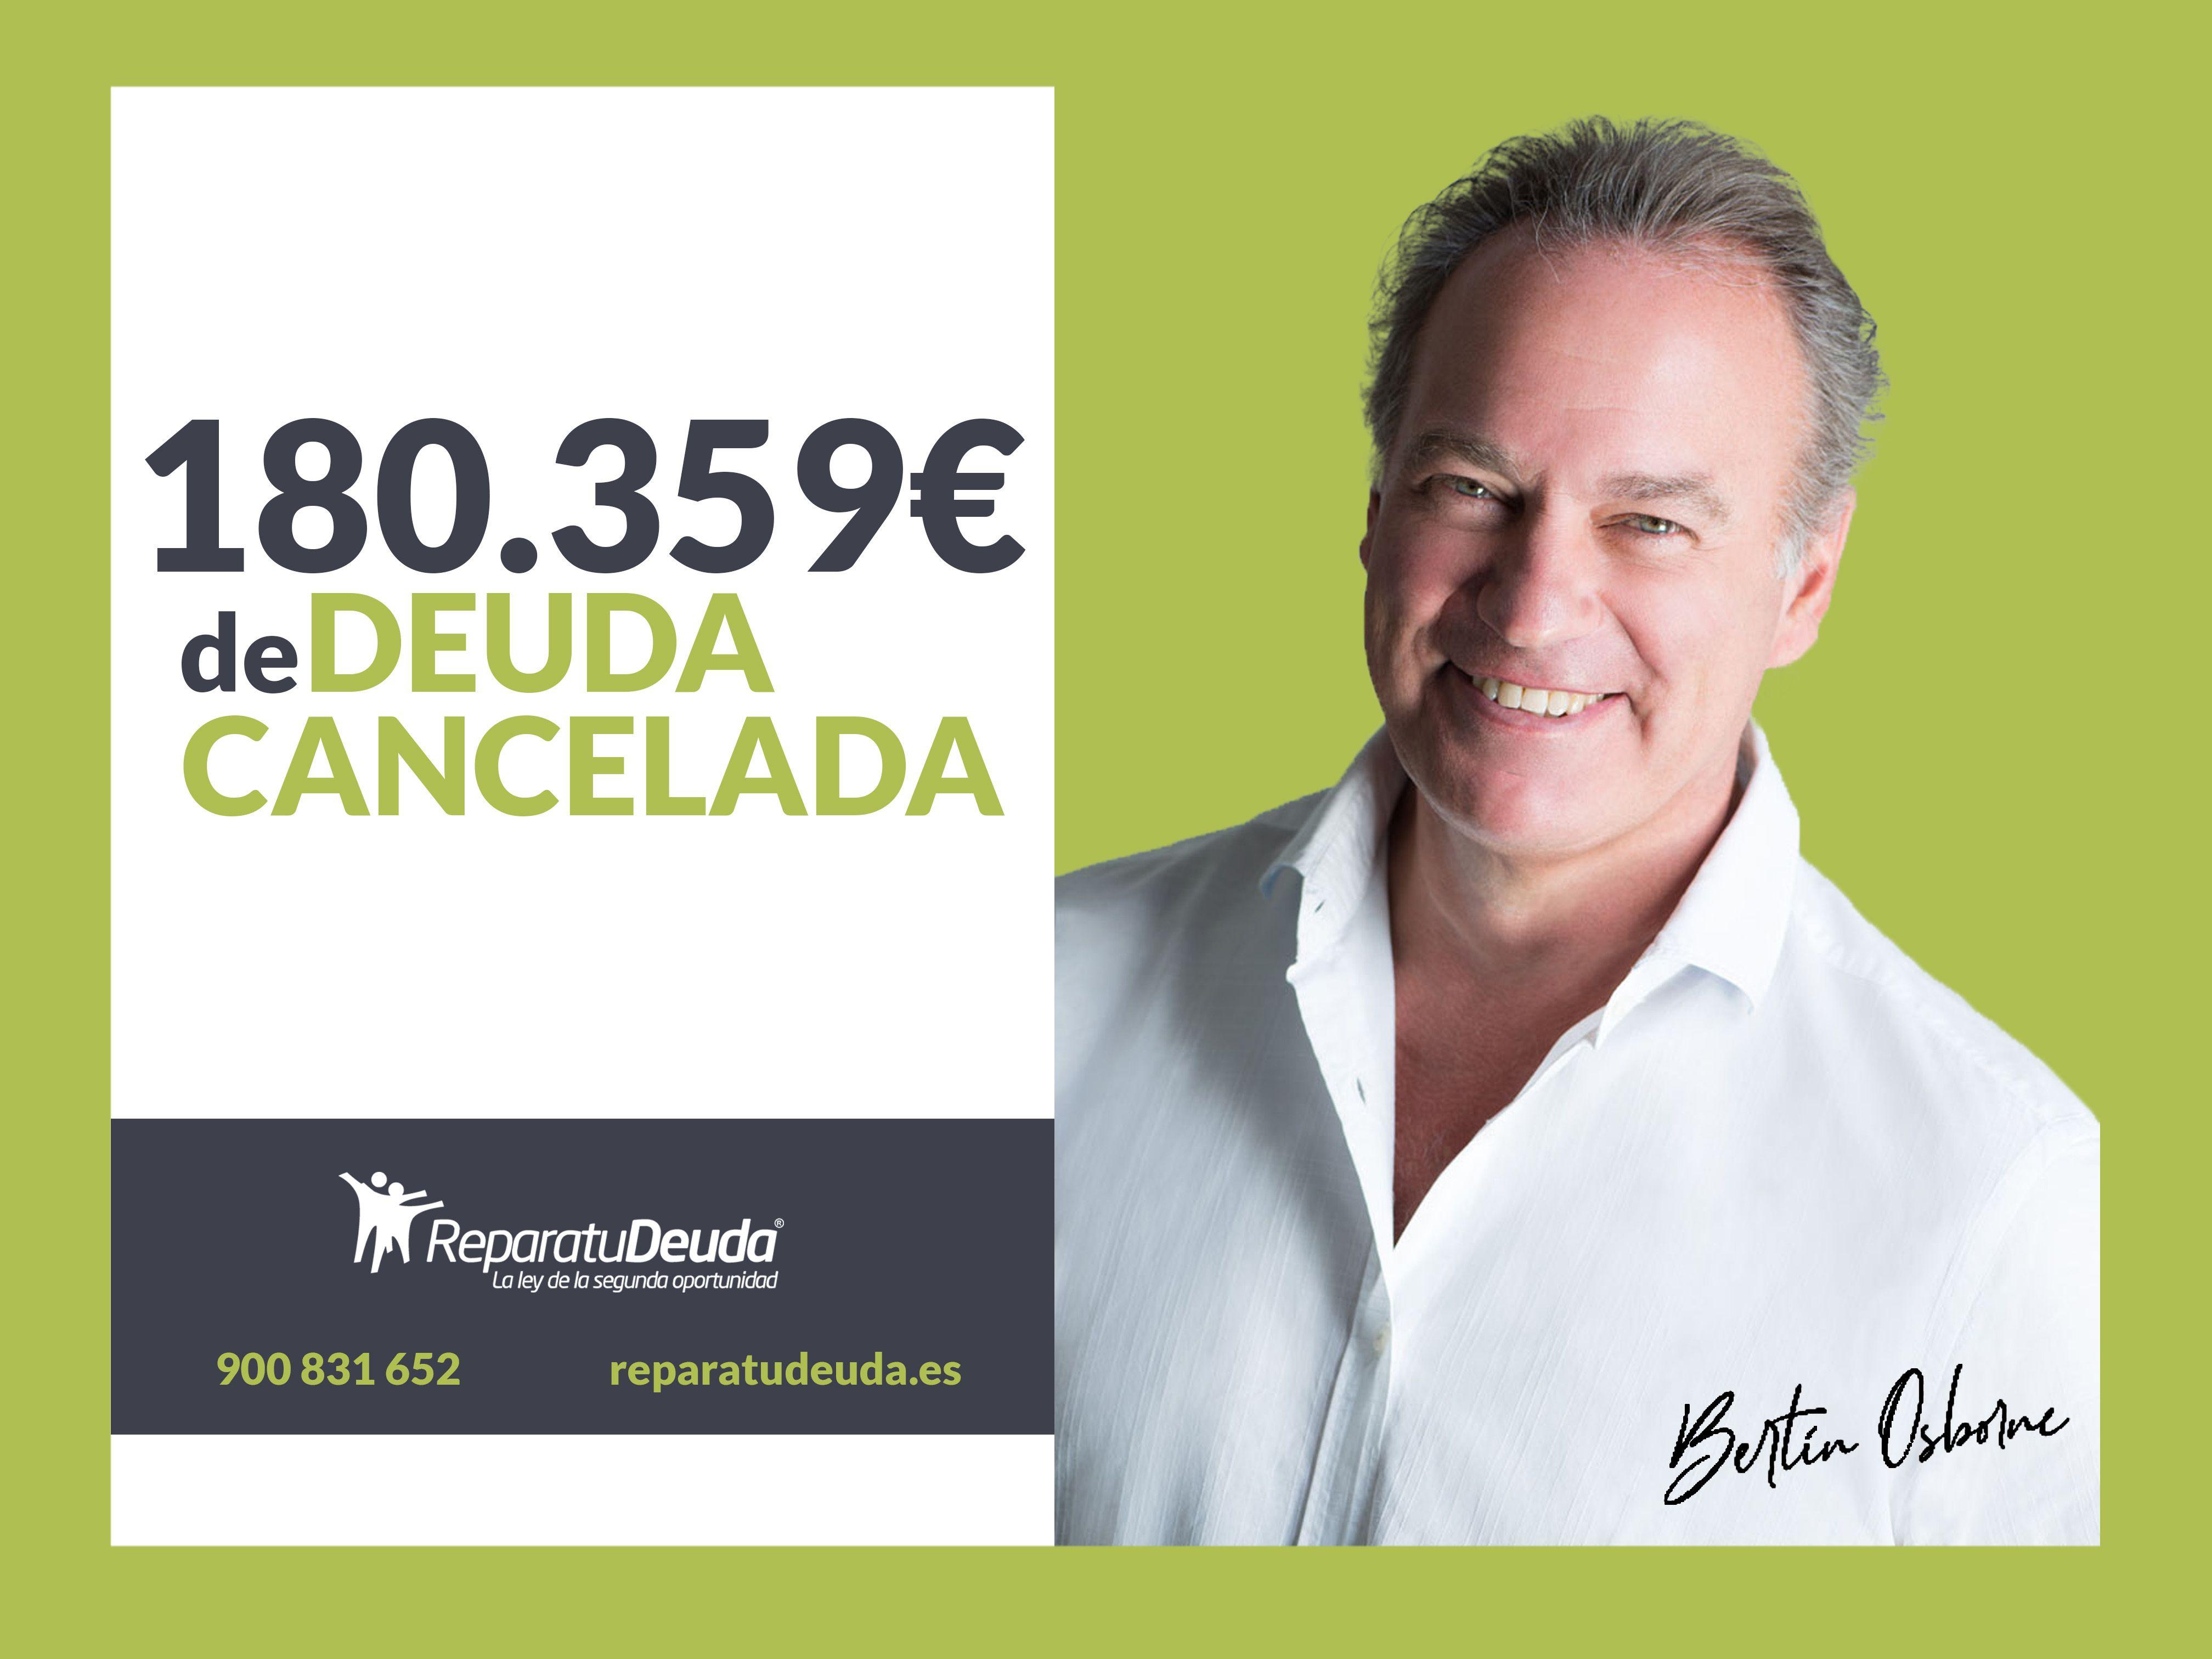 Repara tu deuda Abogados cancela  180.359 € en Lleida, Catalunya, mediante la Ley de Segunda Oportunidad